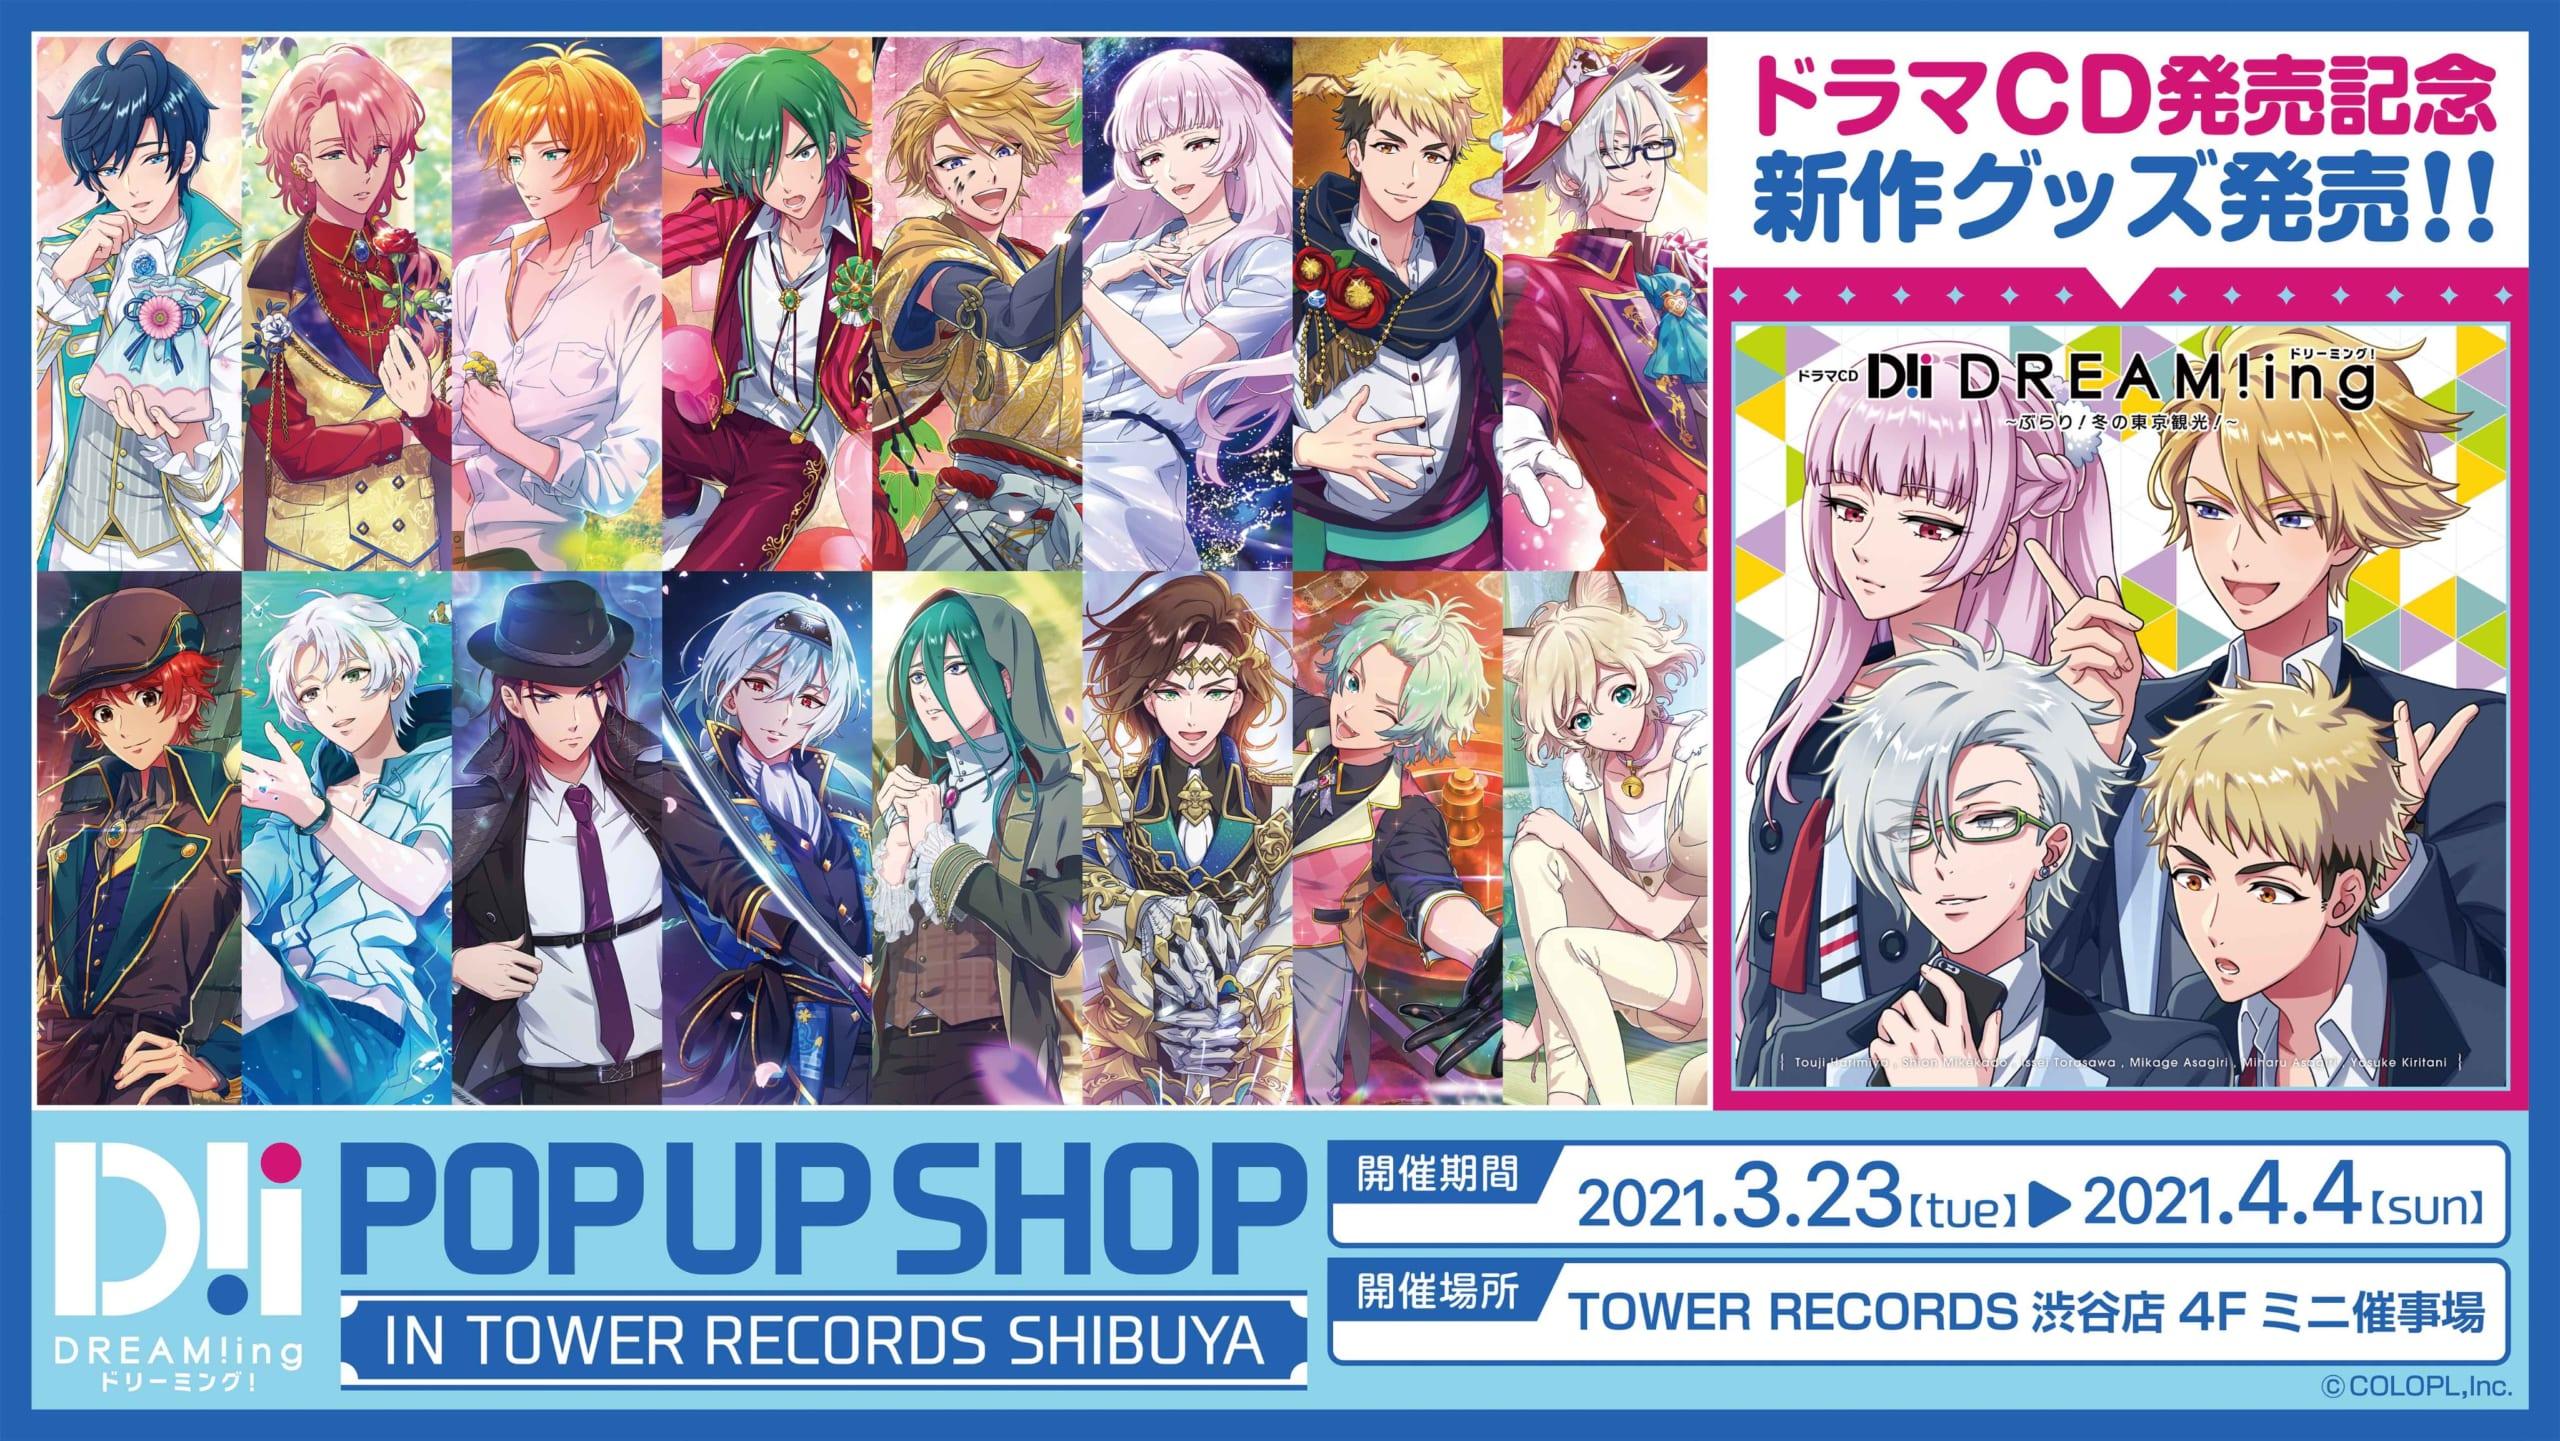 「DREAM!ing」POP UP SHOP開催決定!新規グッズ&ノベルティの配布、CDジャケットイラストの展示など